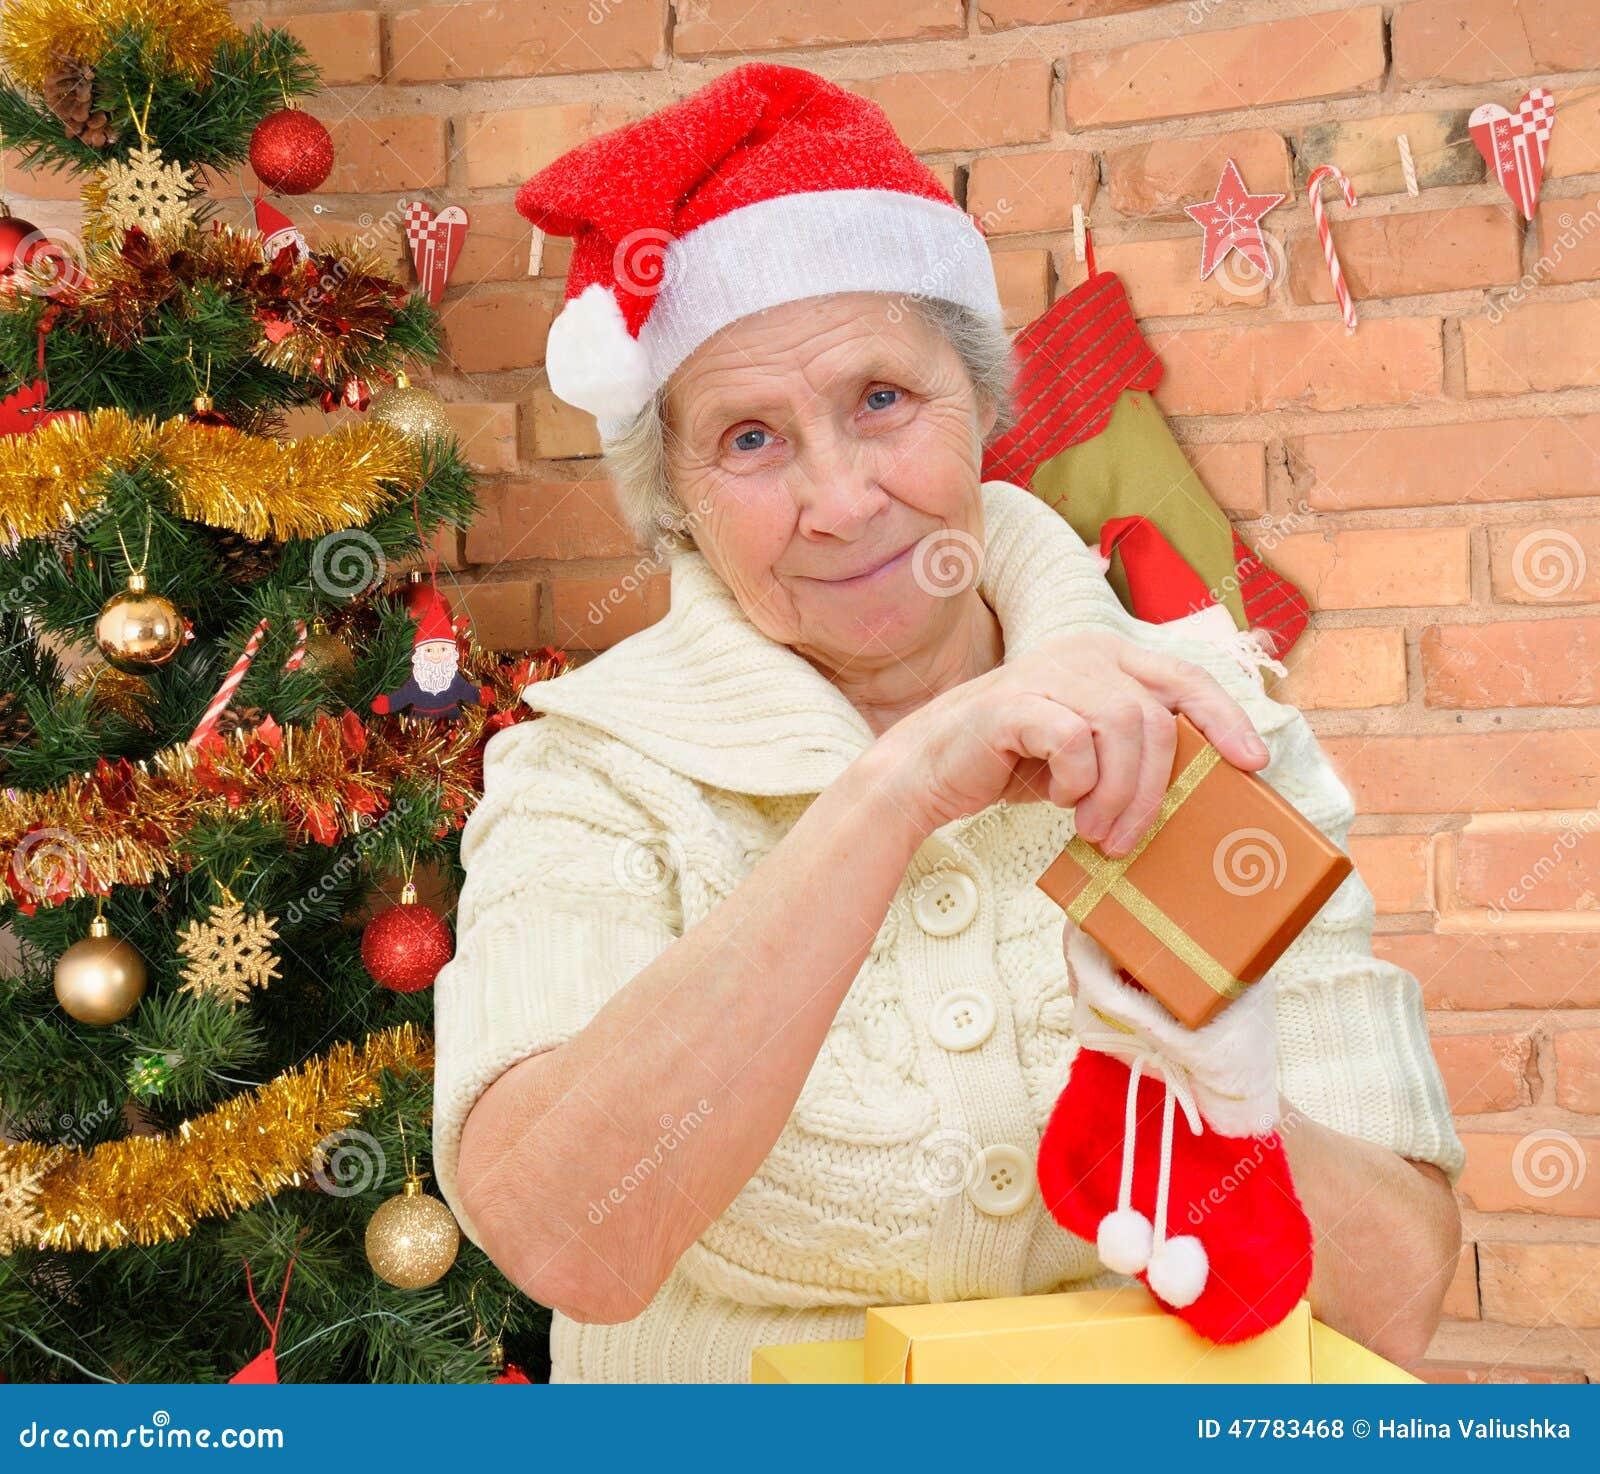 Regali Di Natale Per La Nonna.Nonna Con I Regali Di Natale Fotografia Stock Immagine Di Dare